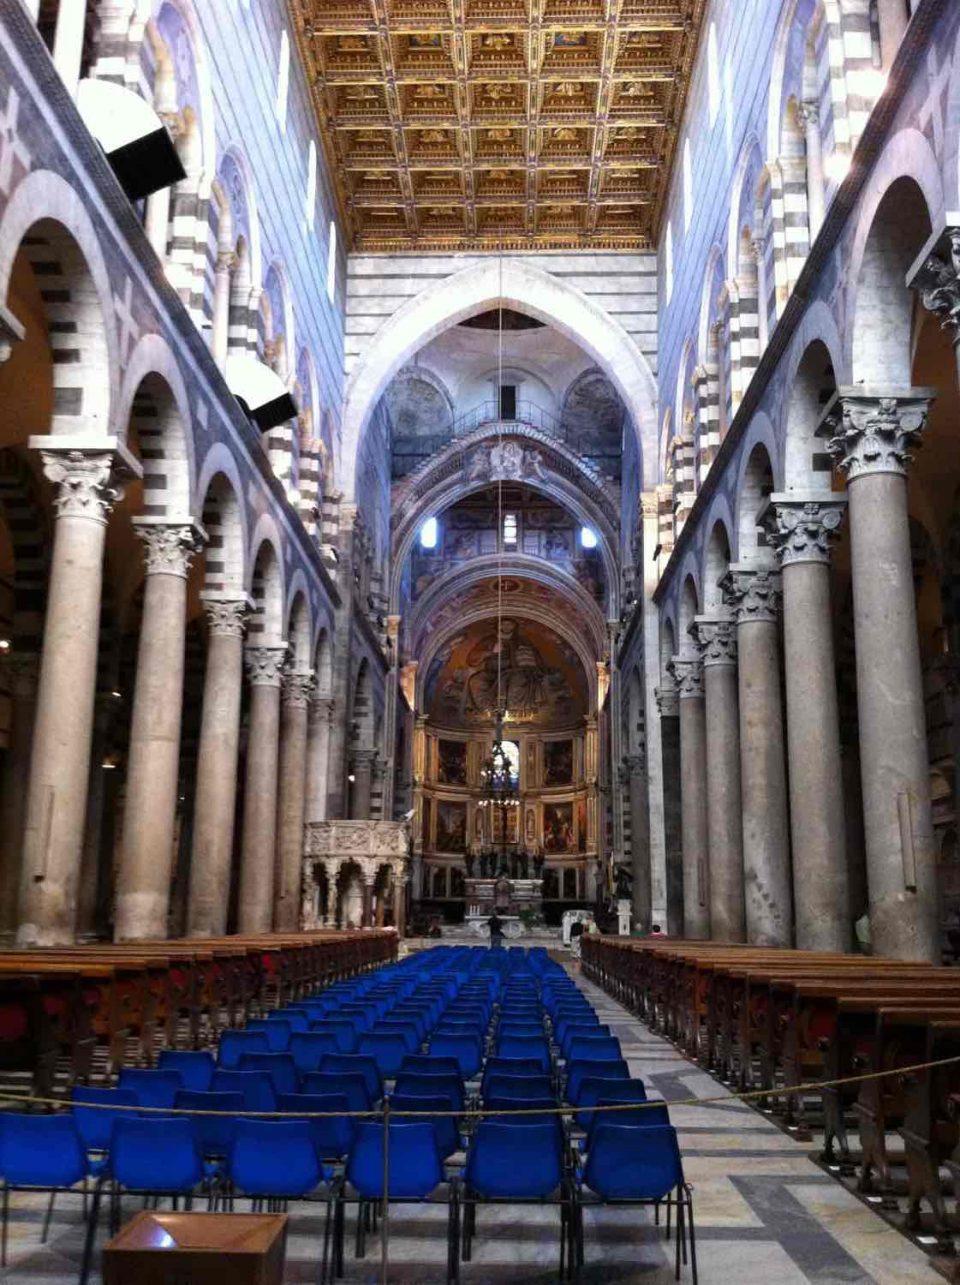 Interno della Cattedrale di Pisa